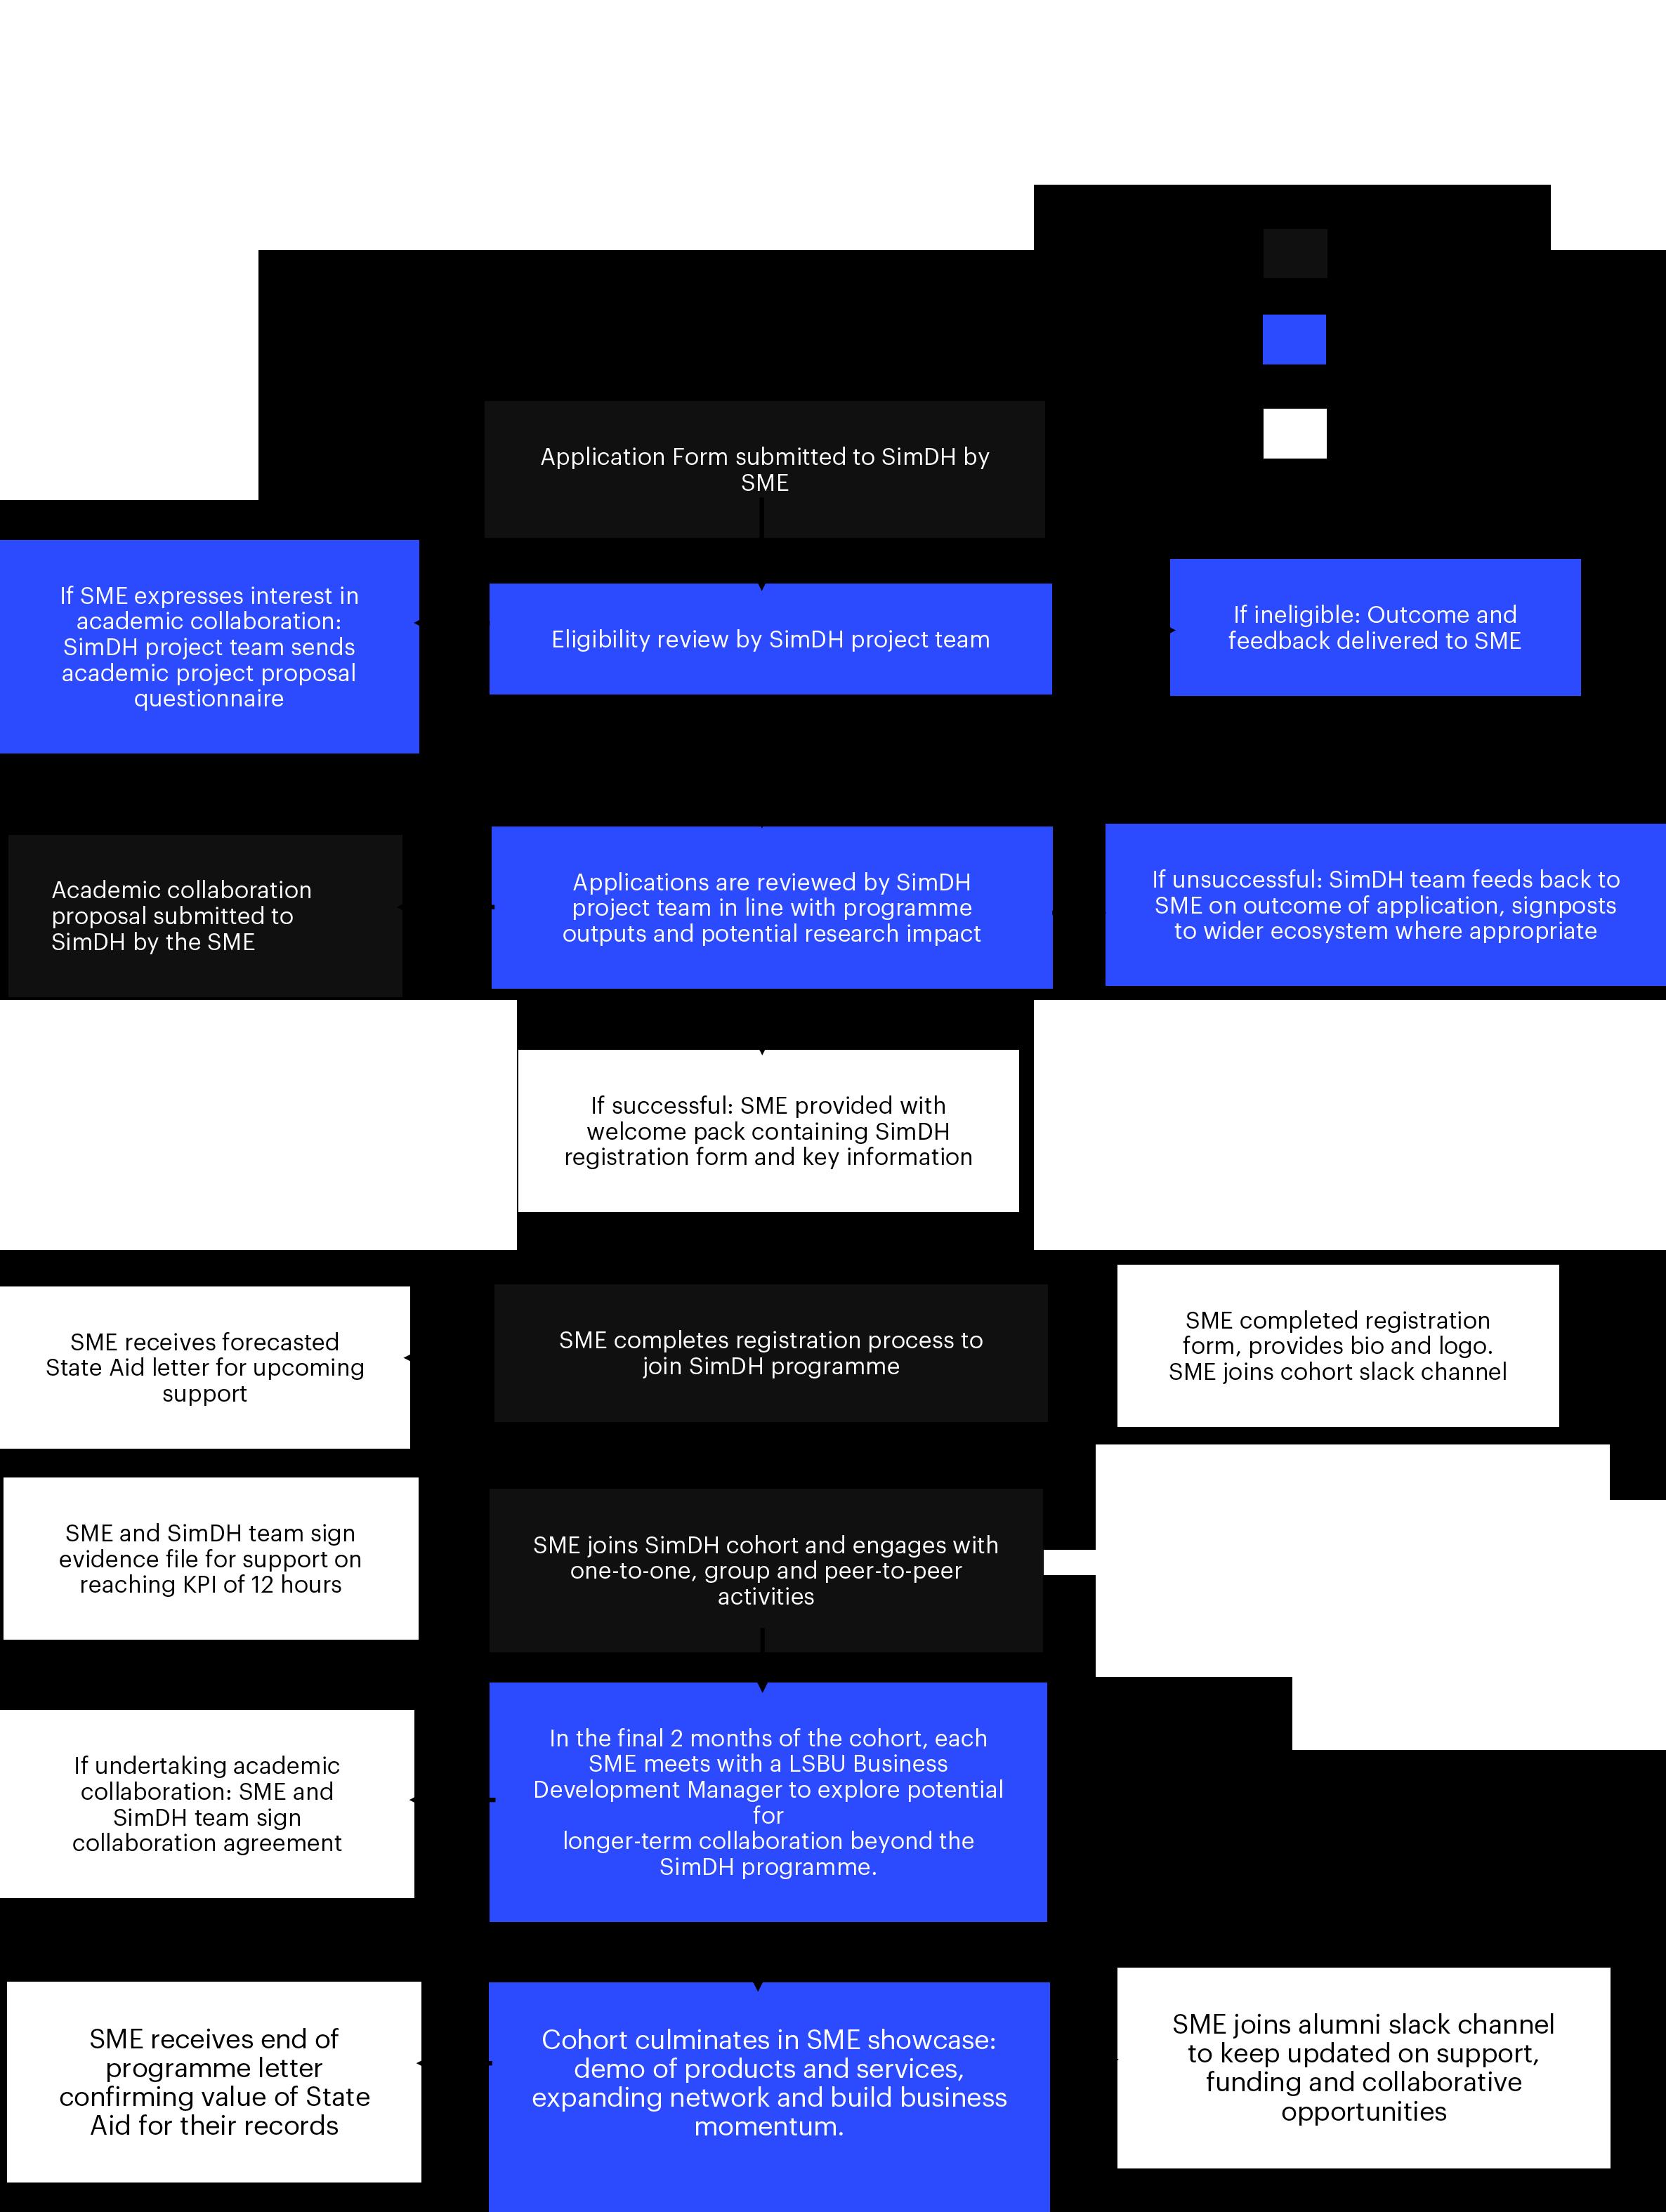 Flowchart of customer journey